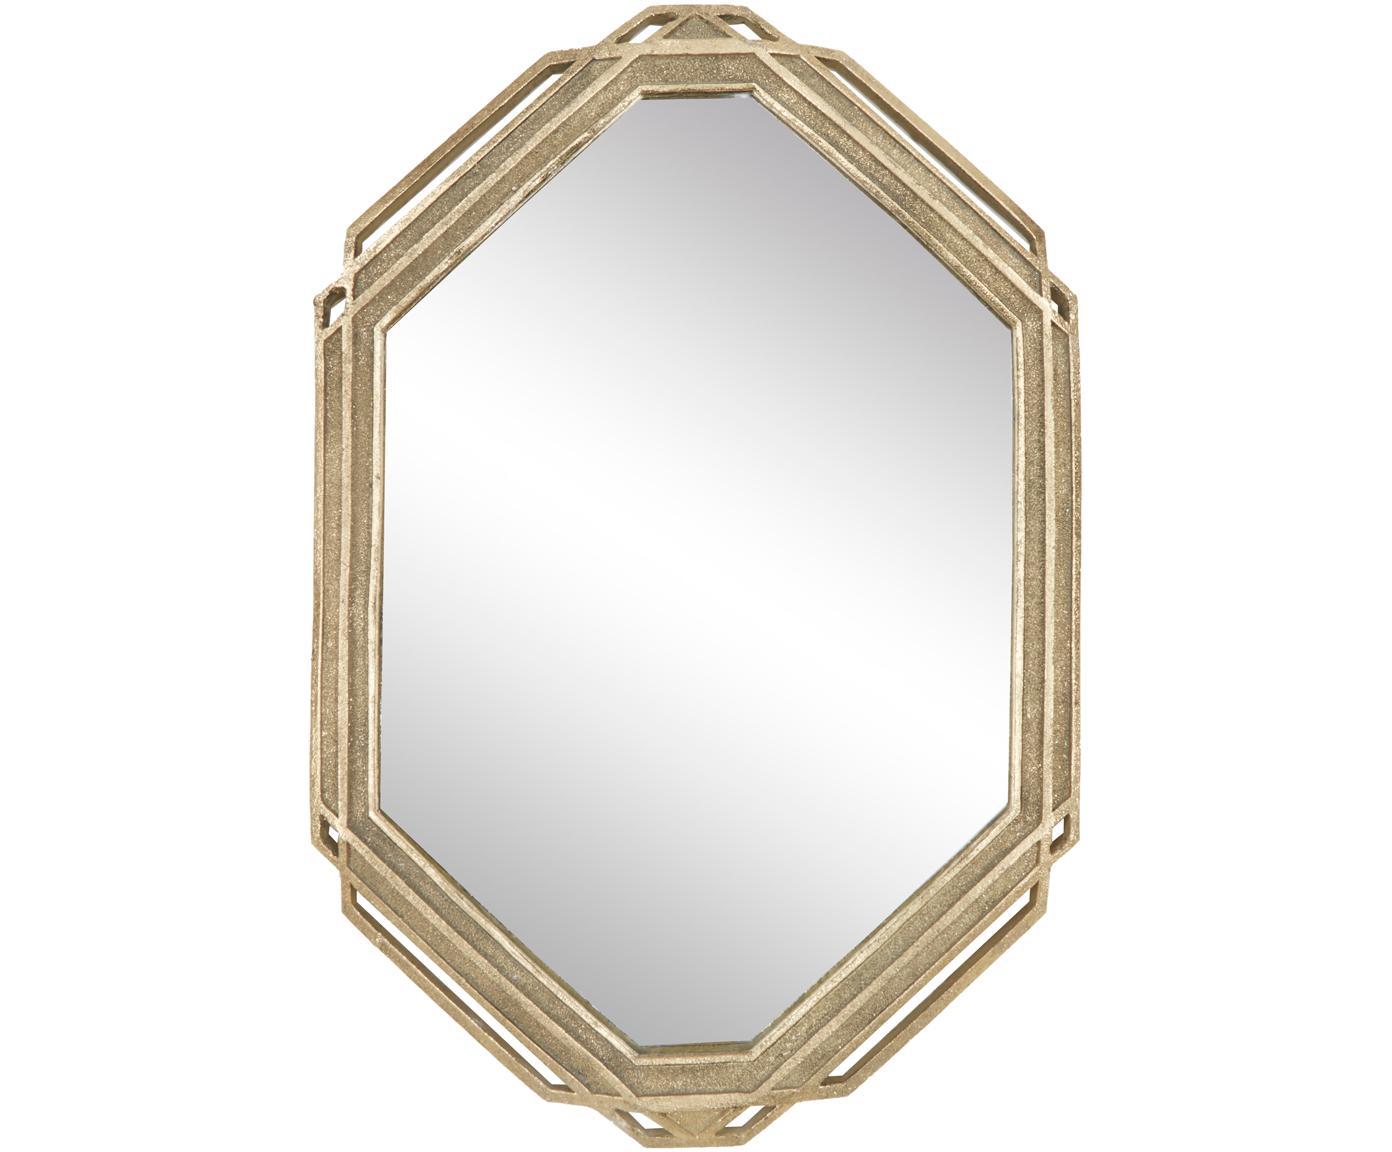 Prostokątne lustro ścienne Raute, Poliresing, Odcienie mosiądzu, S 35 x W 52 cm